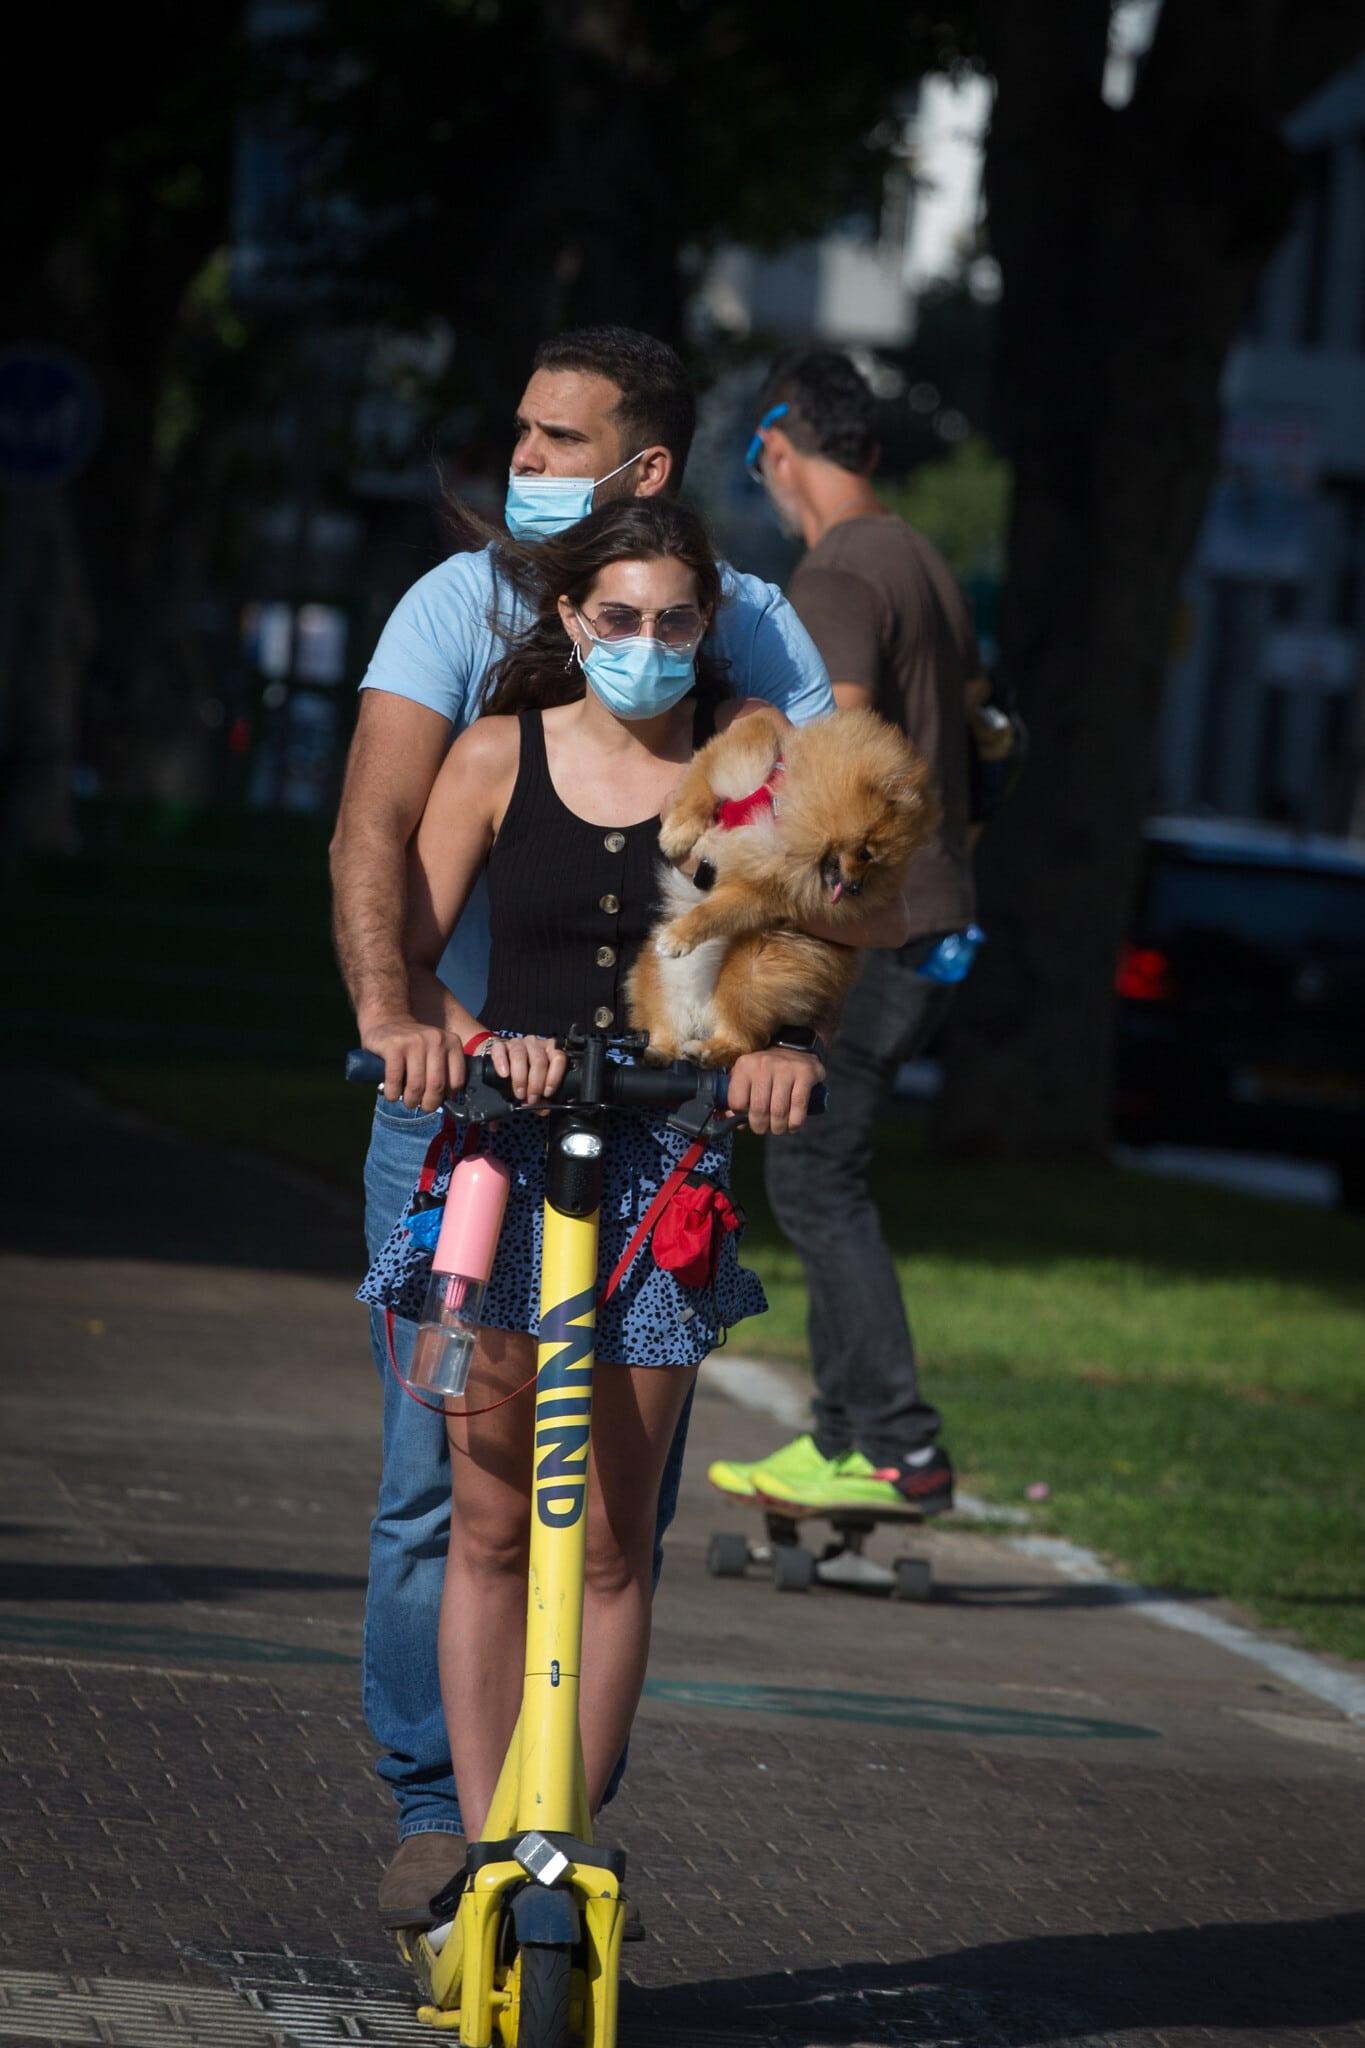 ישראלים לובשים מסכות בתל אביב, יולי 2020 (צילום: Miriam Alster/FLASH90)